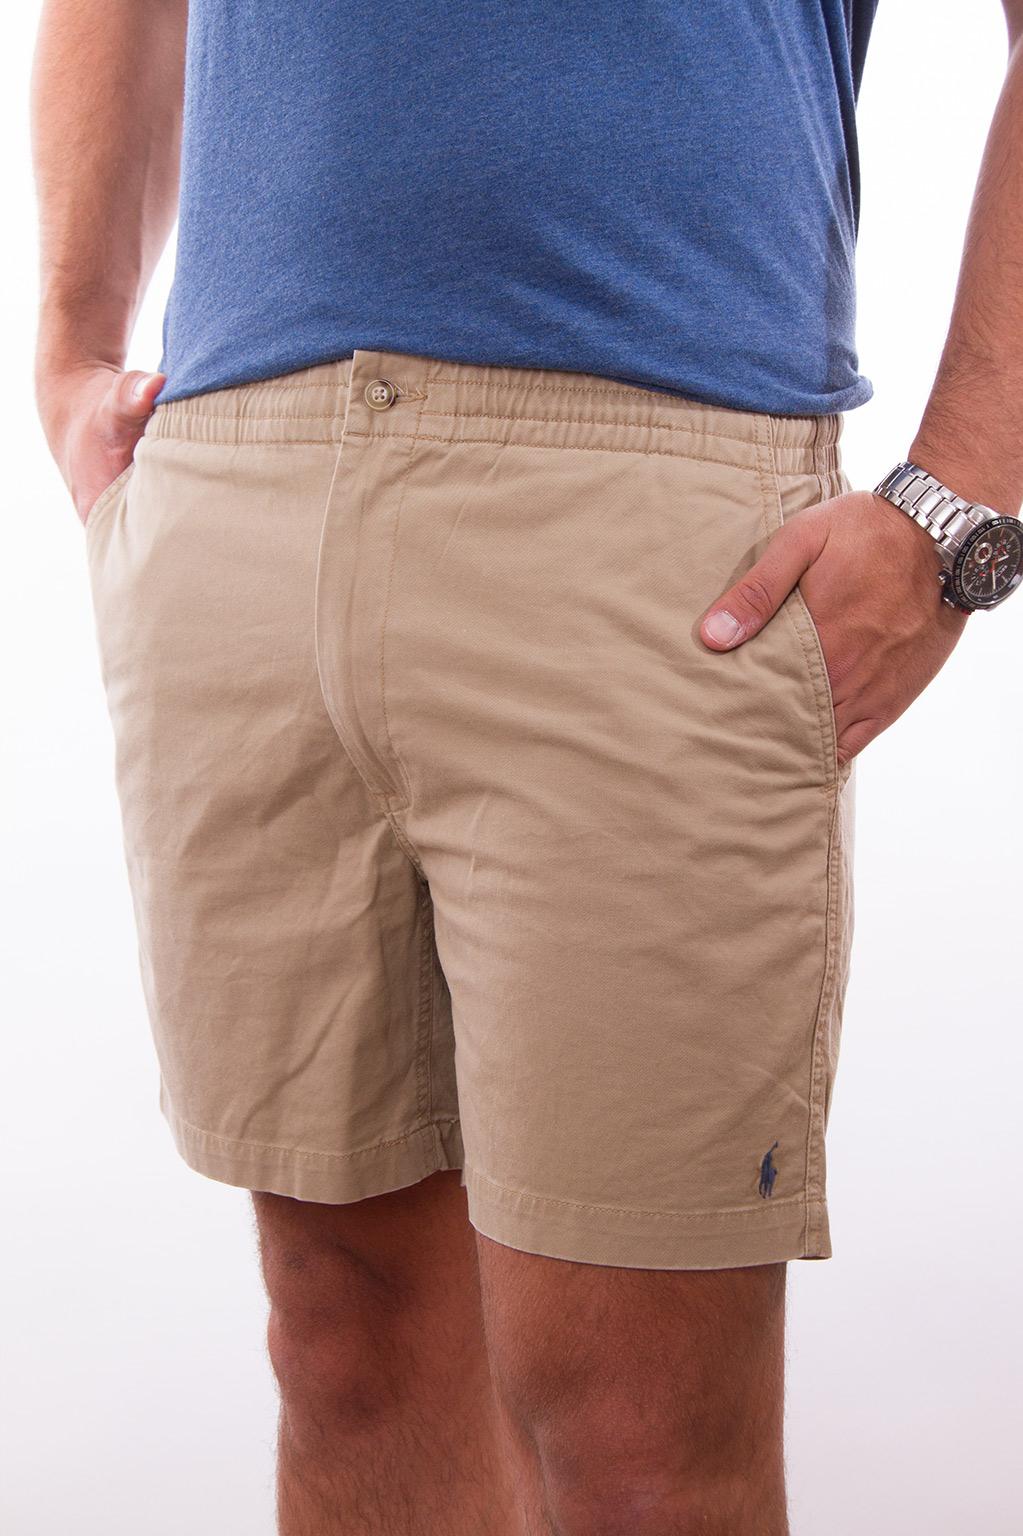 מכנסיים קצרים לגבר POLO RALPH LAUREN - קאמל